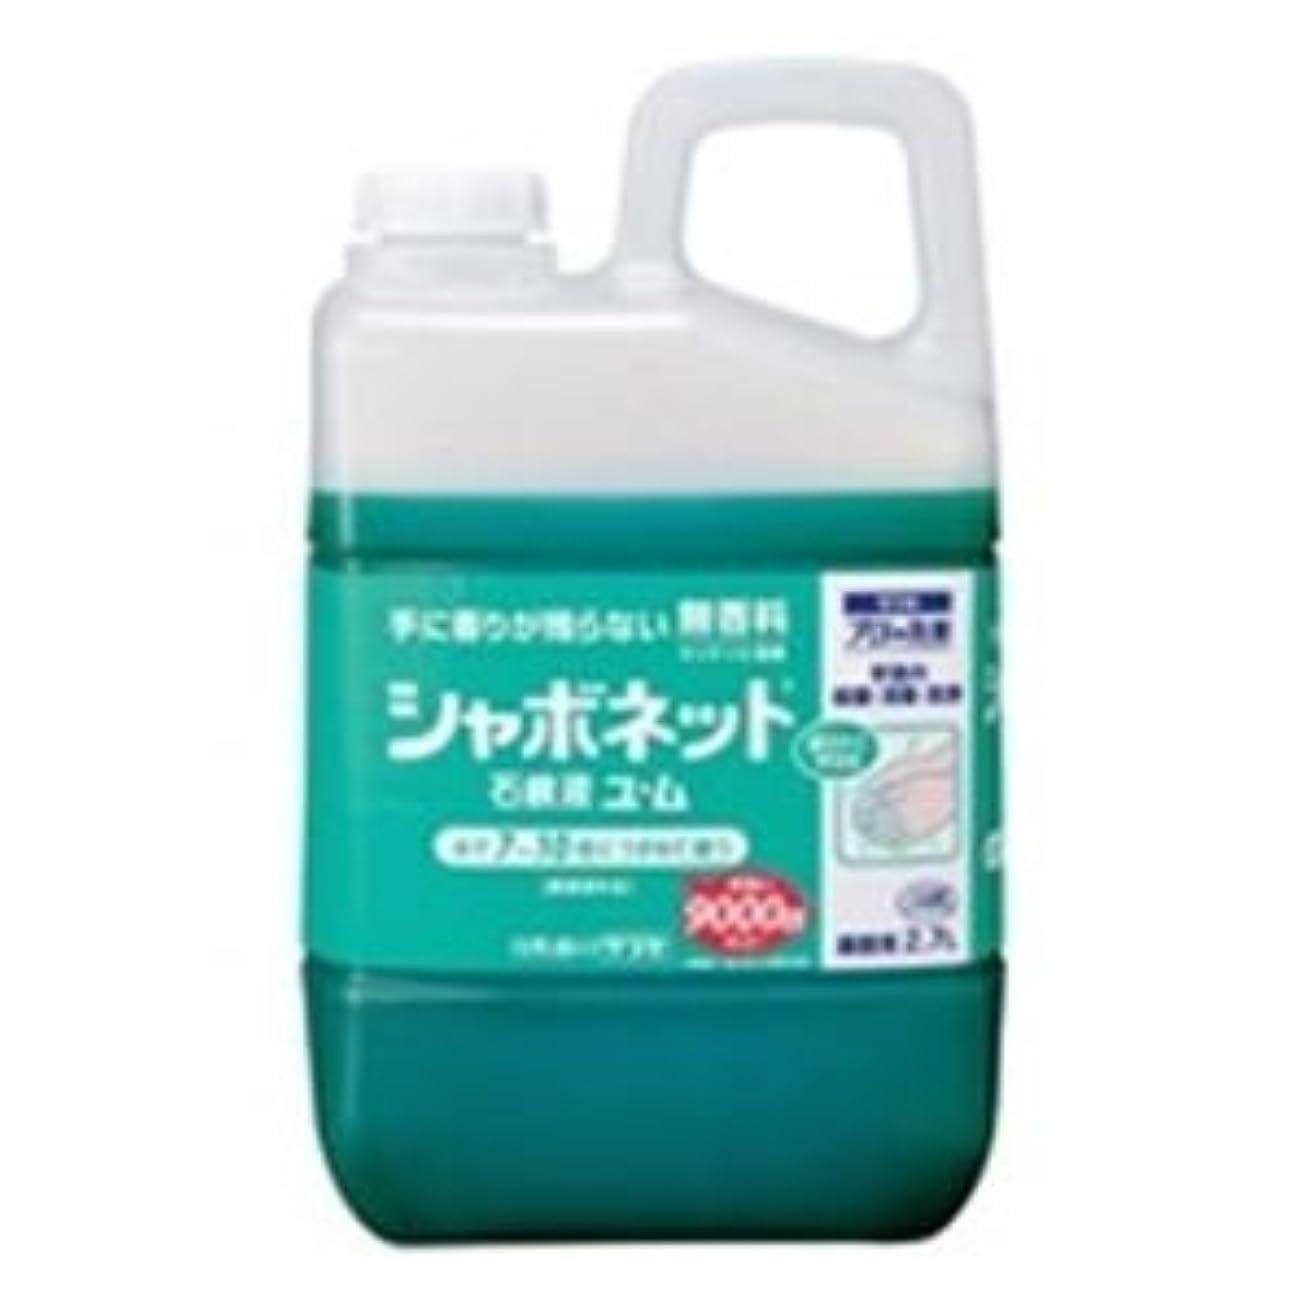 アナログリテラシー化粧( お徳用 5セット ) 東京サラヤ シャボネット 石鹸液ユ?ム 2.7L